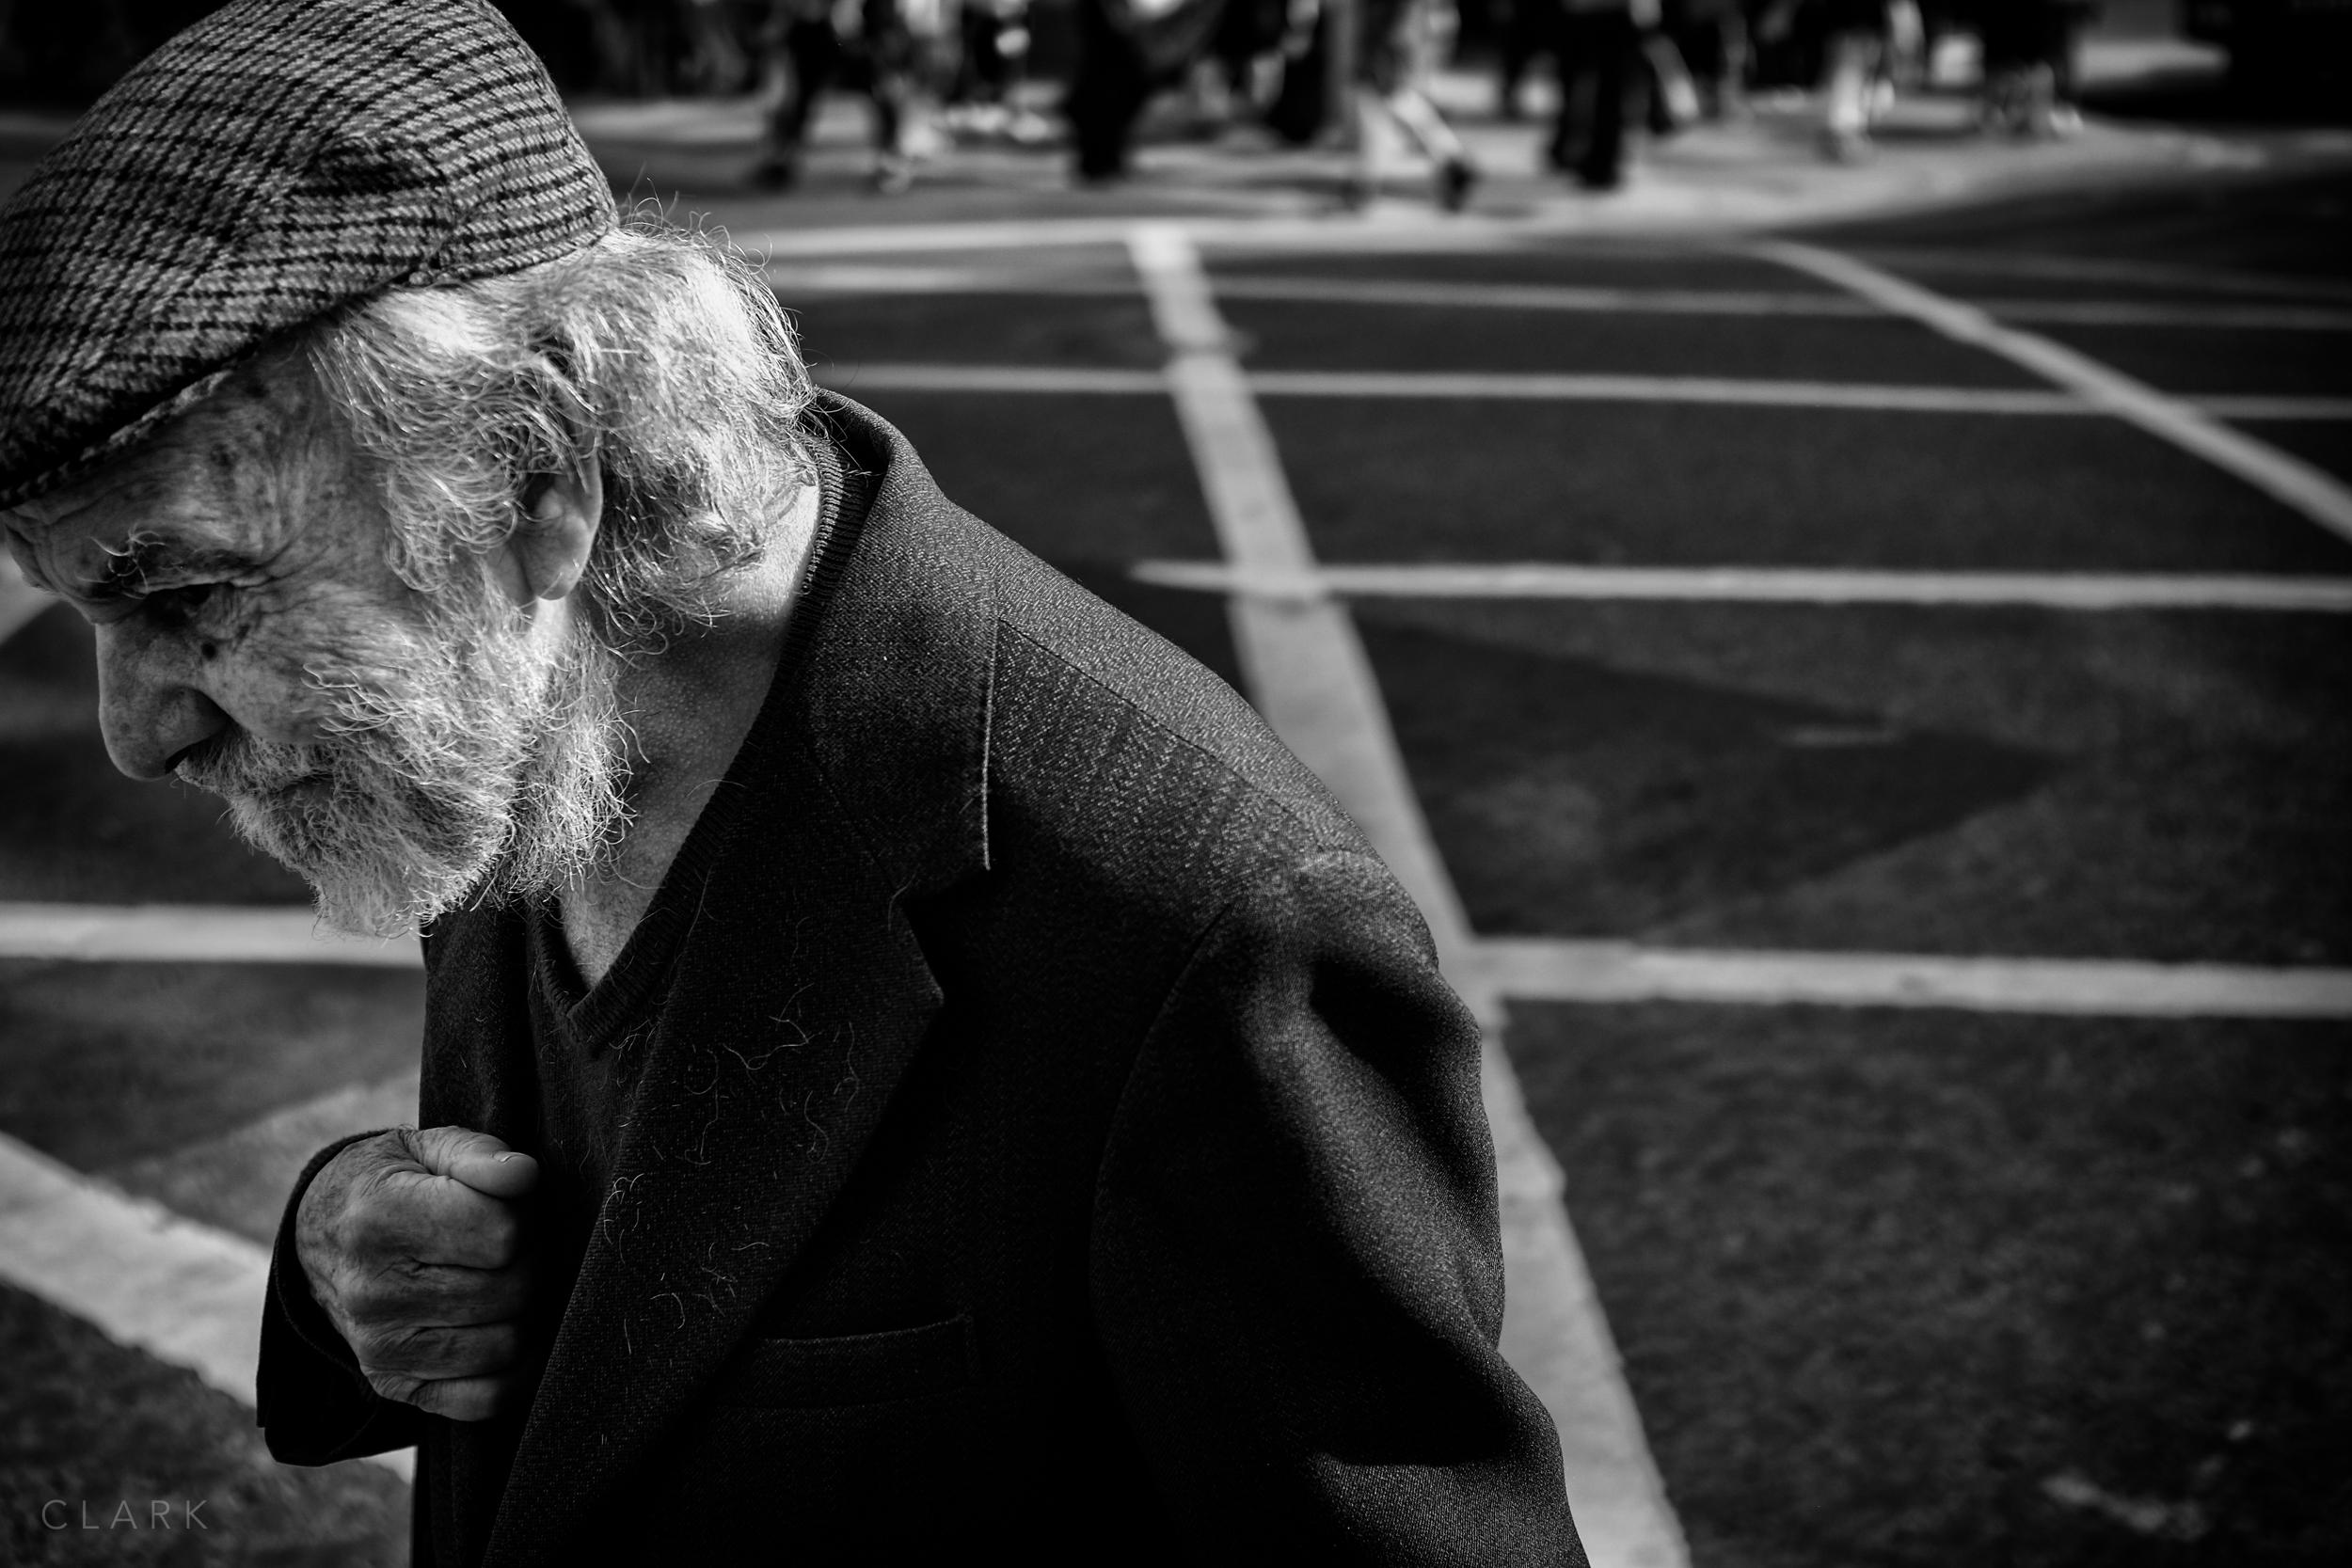 008_DerekClarkPhoto-Street_Portfolio.jpg